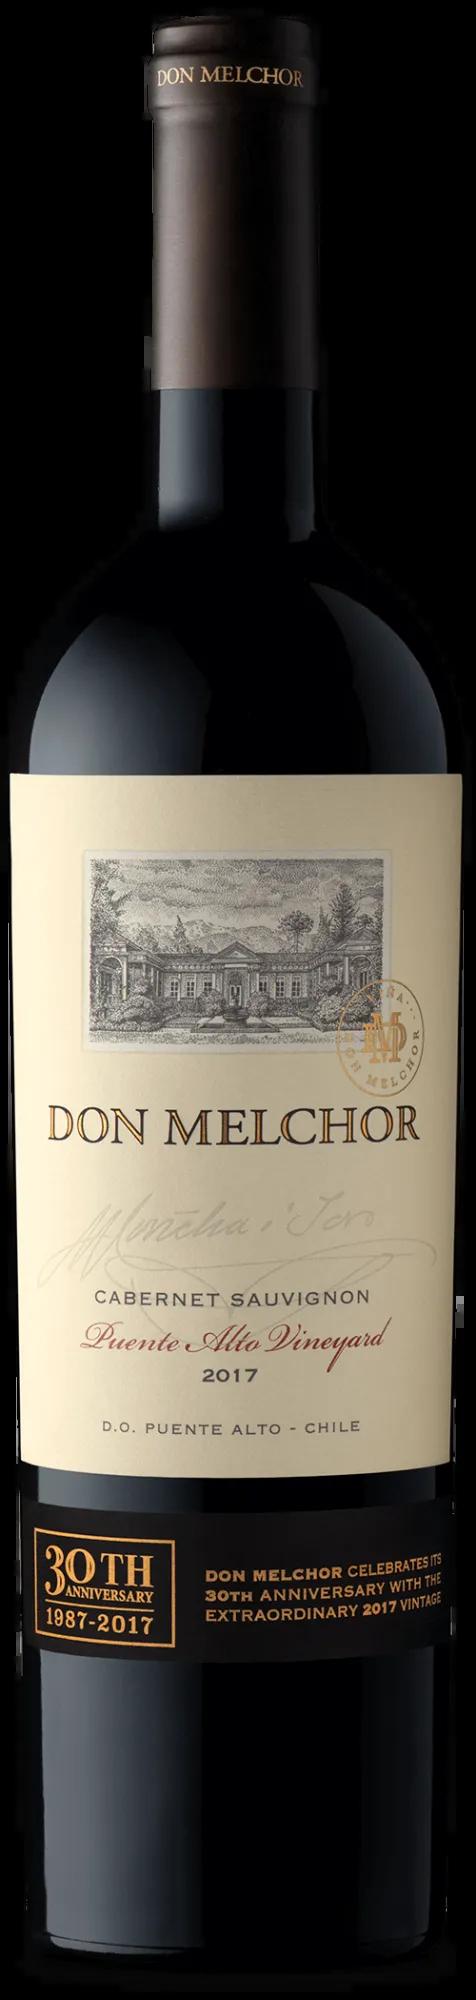 Don Melchor 2017